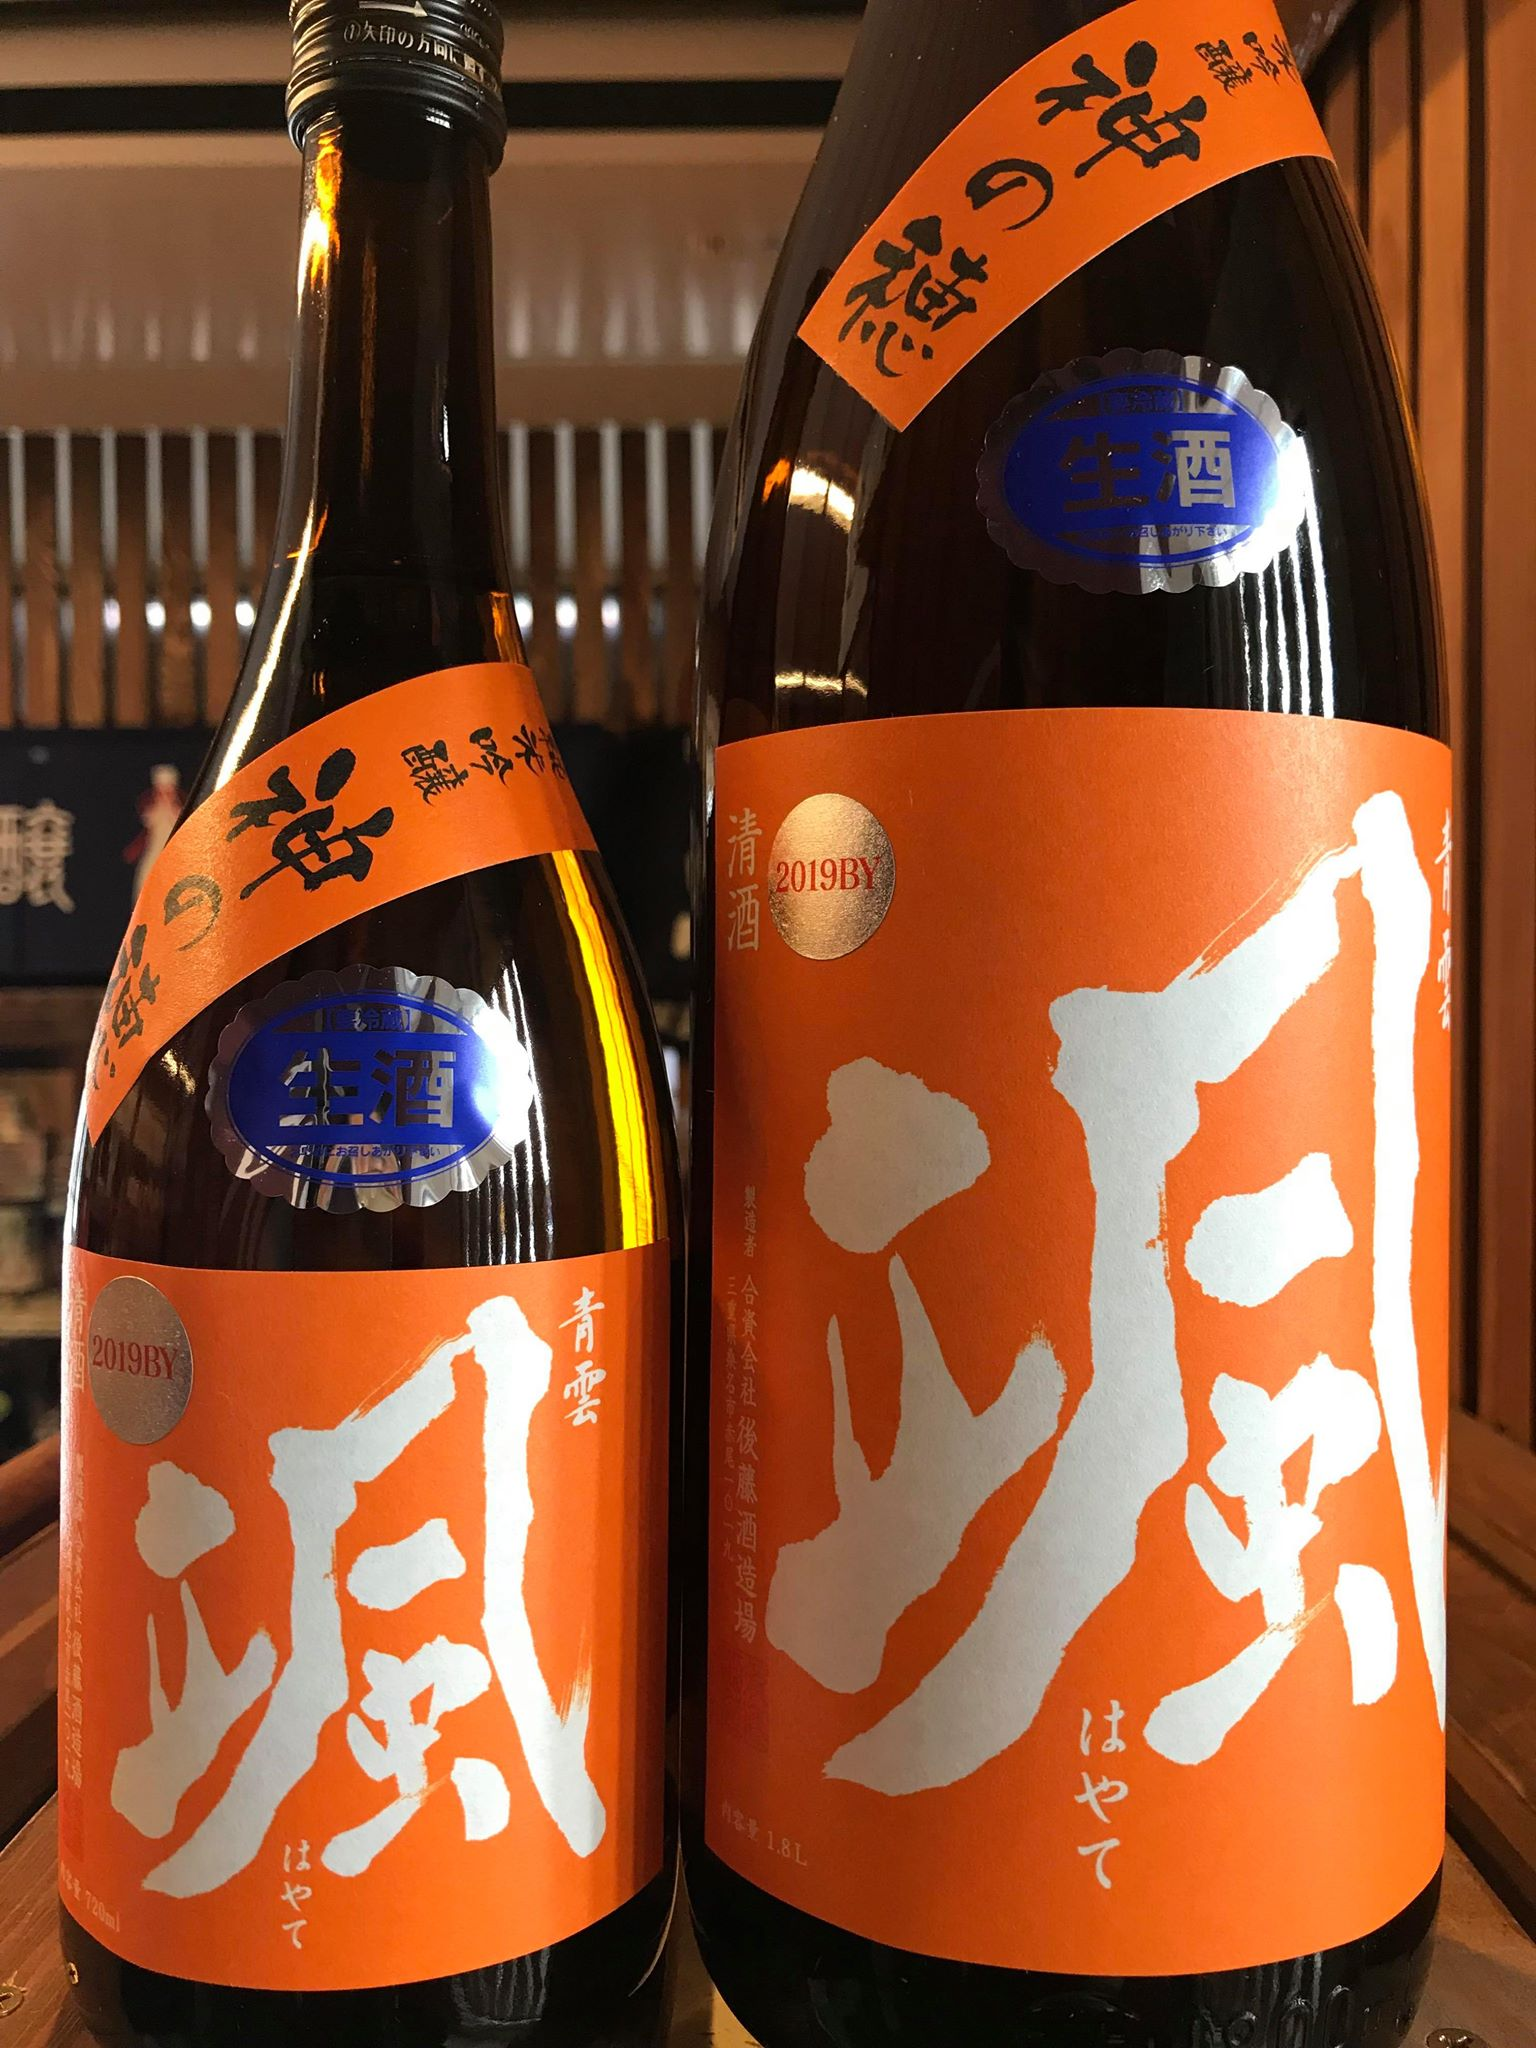 【日本酒】颯-HAYATE- 純米吟醸 無濾過生原酒 神の穂✨55磨き 特別限定蔵出し 令和1BY🆕_e0173738_10342334.jpg